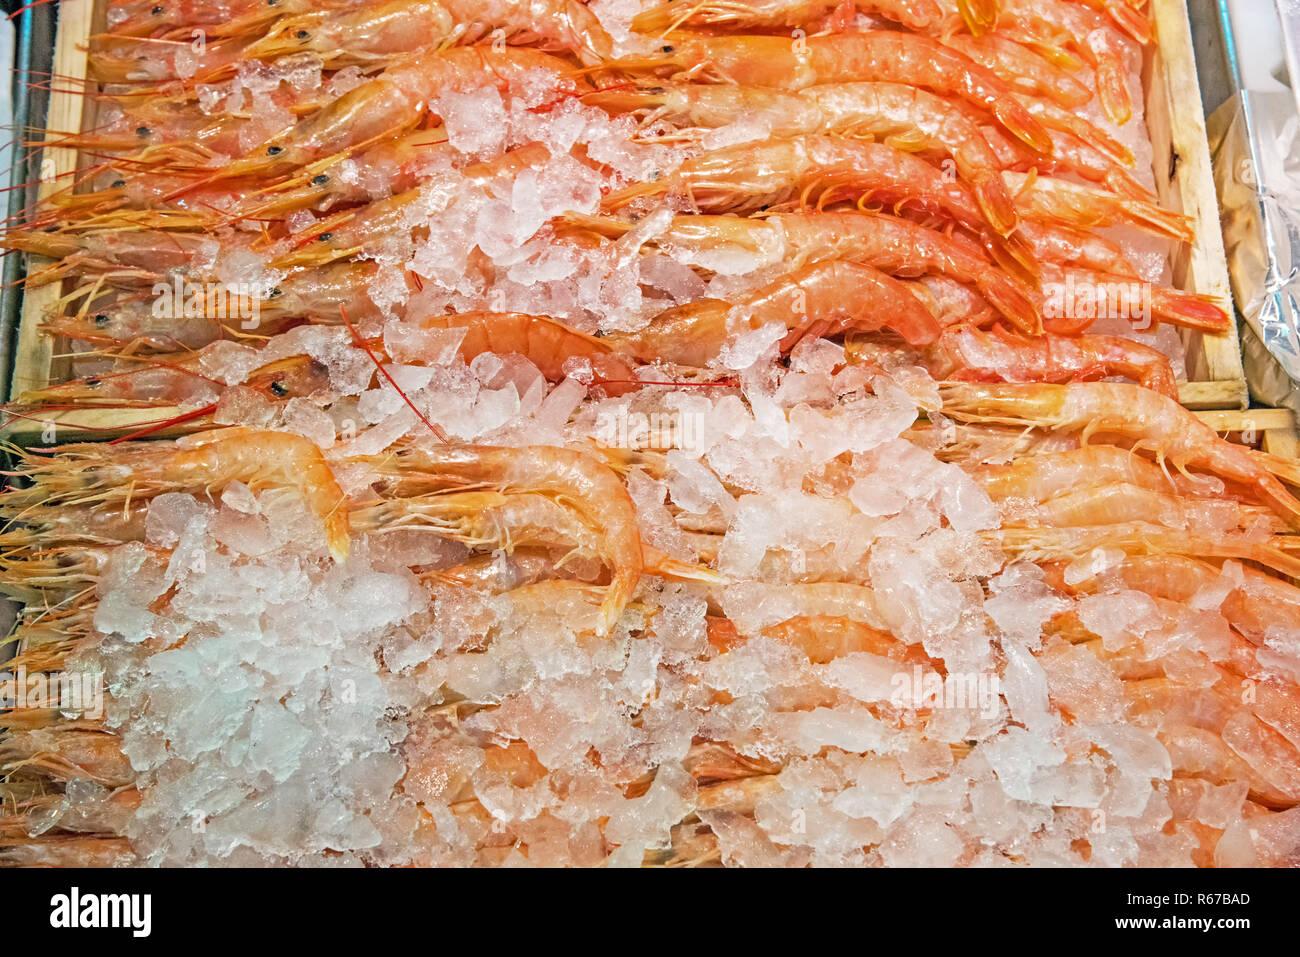 Frische Garnelen auf einem Markt in Madrid - Stock Image